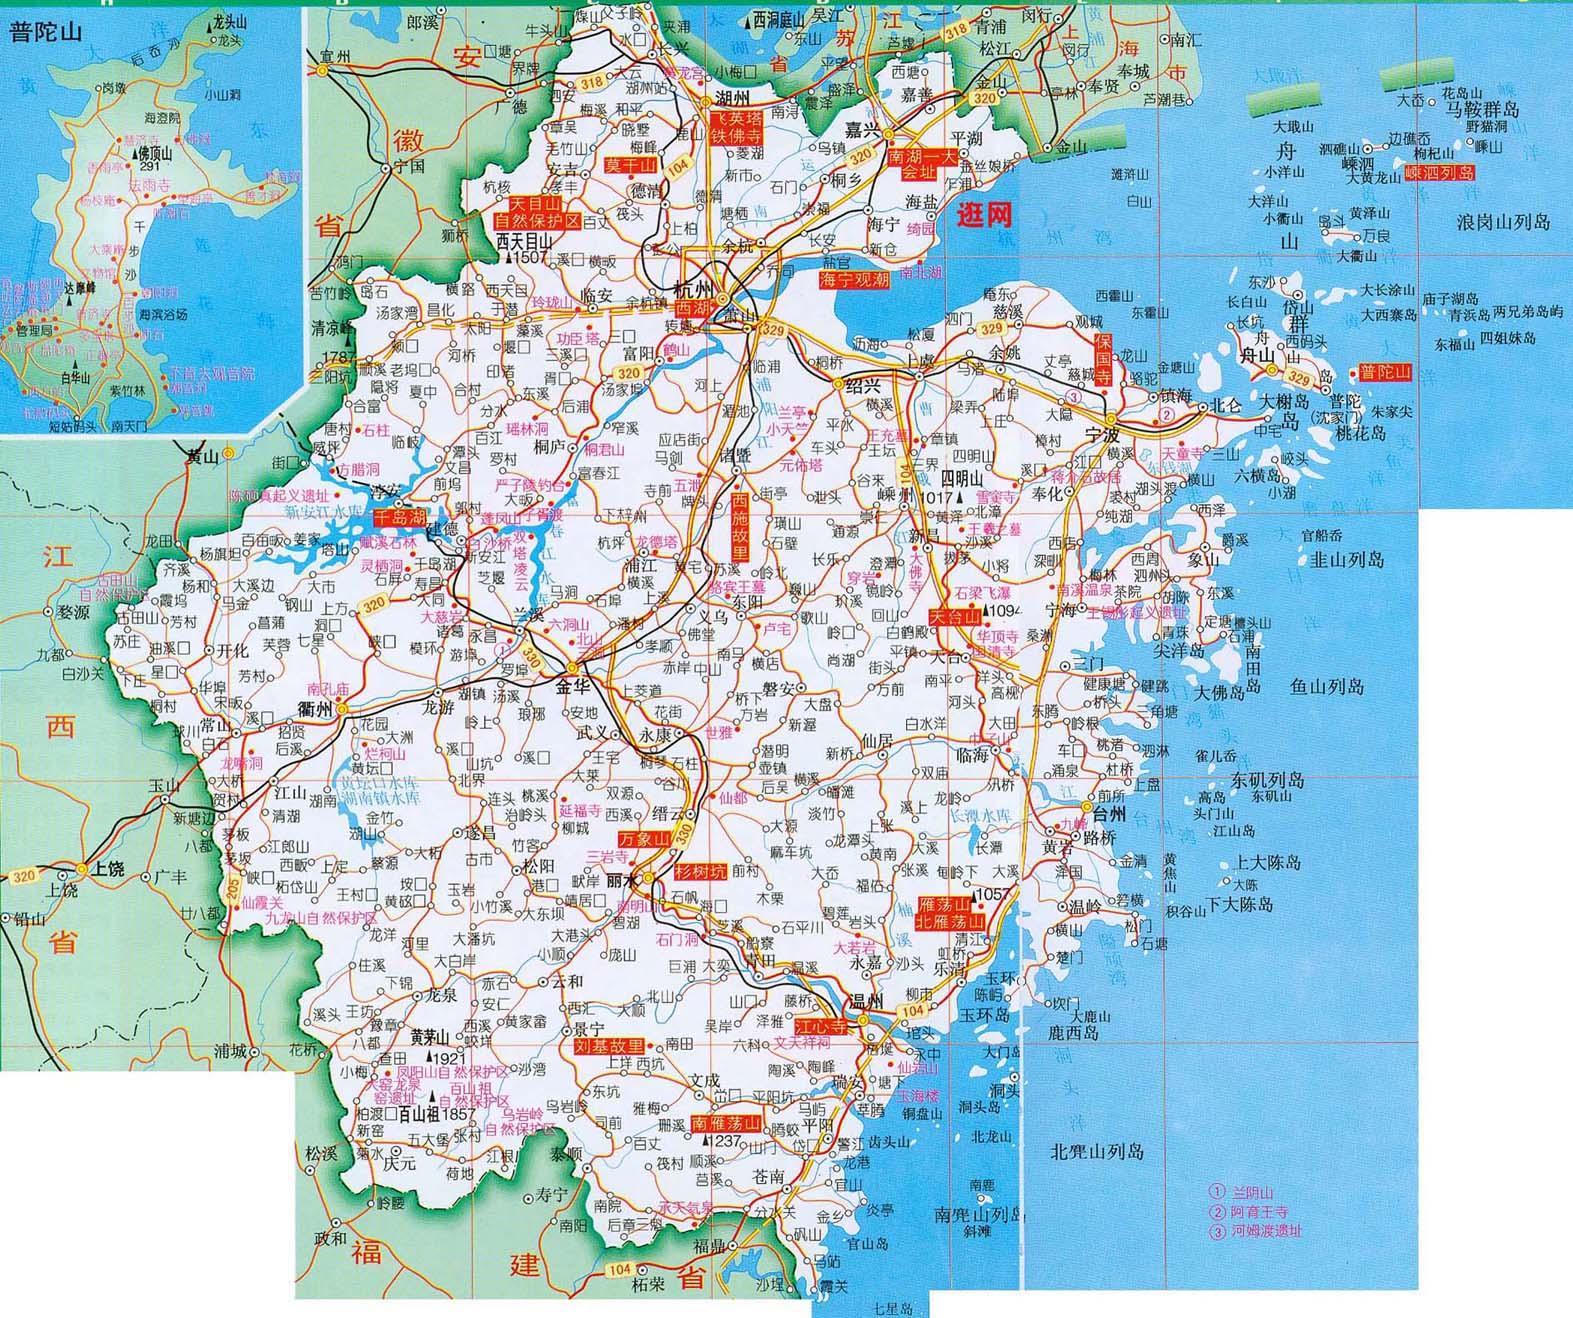 坐汽车,温州和杭州的中间是哪个城市?图片